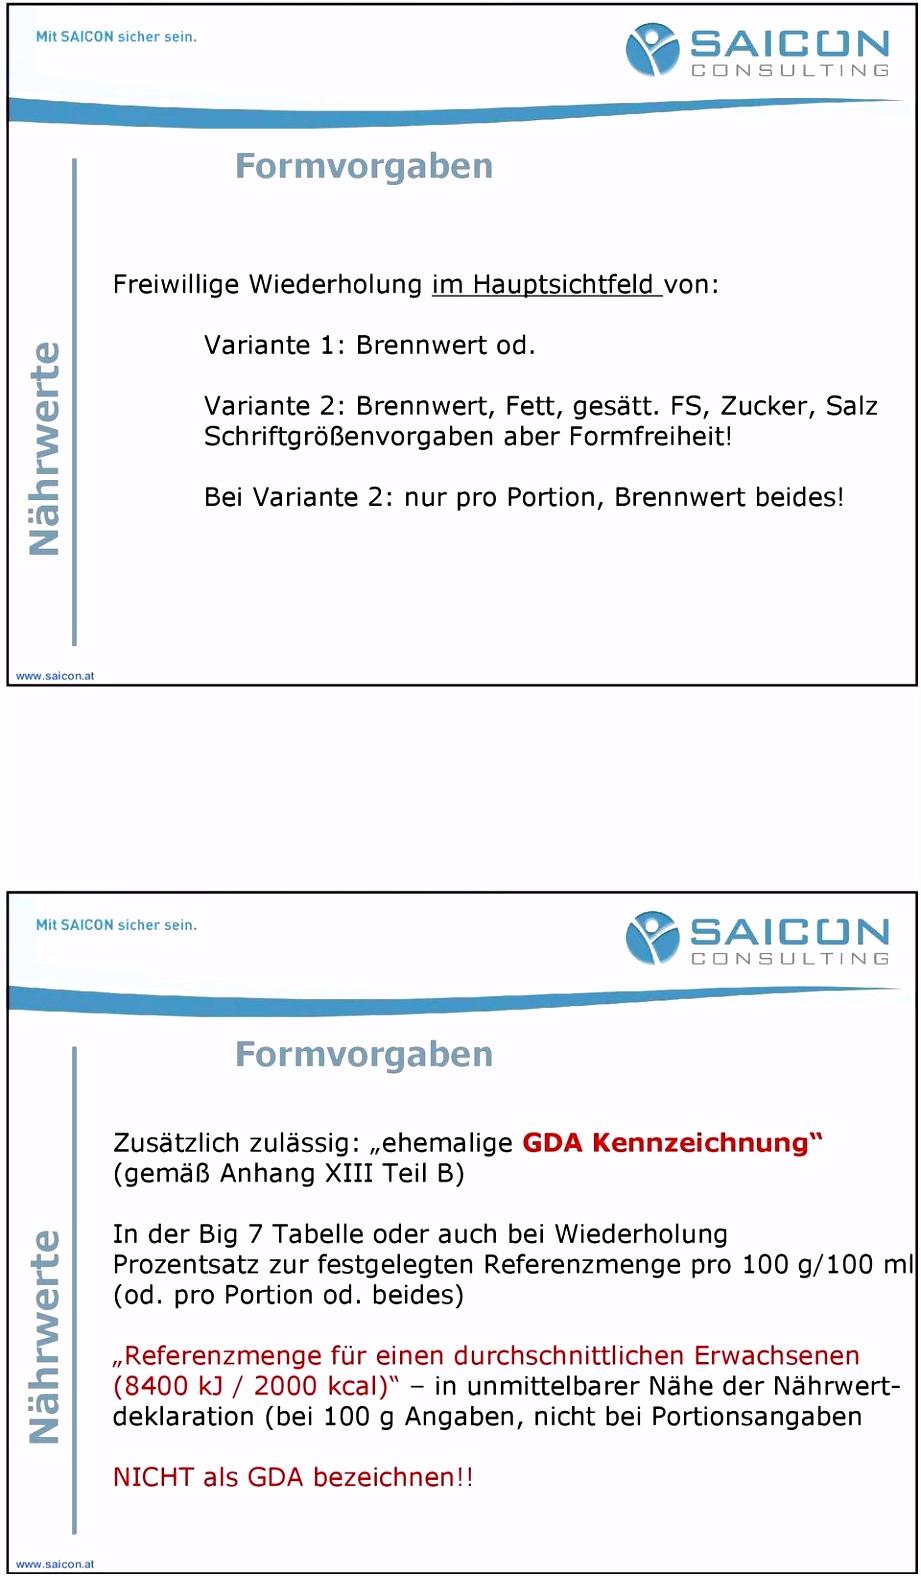 Allergenkennzeichnung Kuchen Vorlage Allergenkennzeichnung Speisekarte Vorlage Idee 59 Cool Allergene J6pc84niv2 W4bfv5v4sm